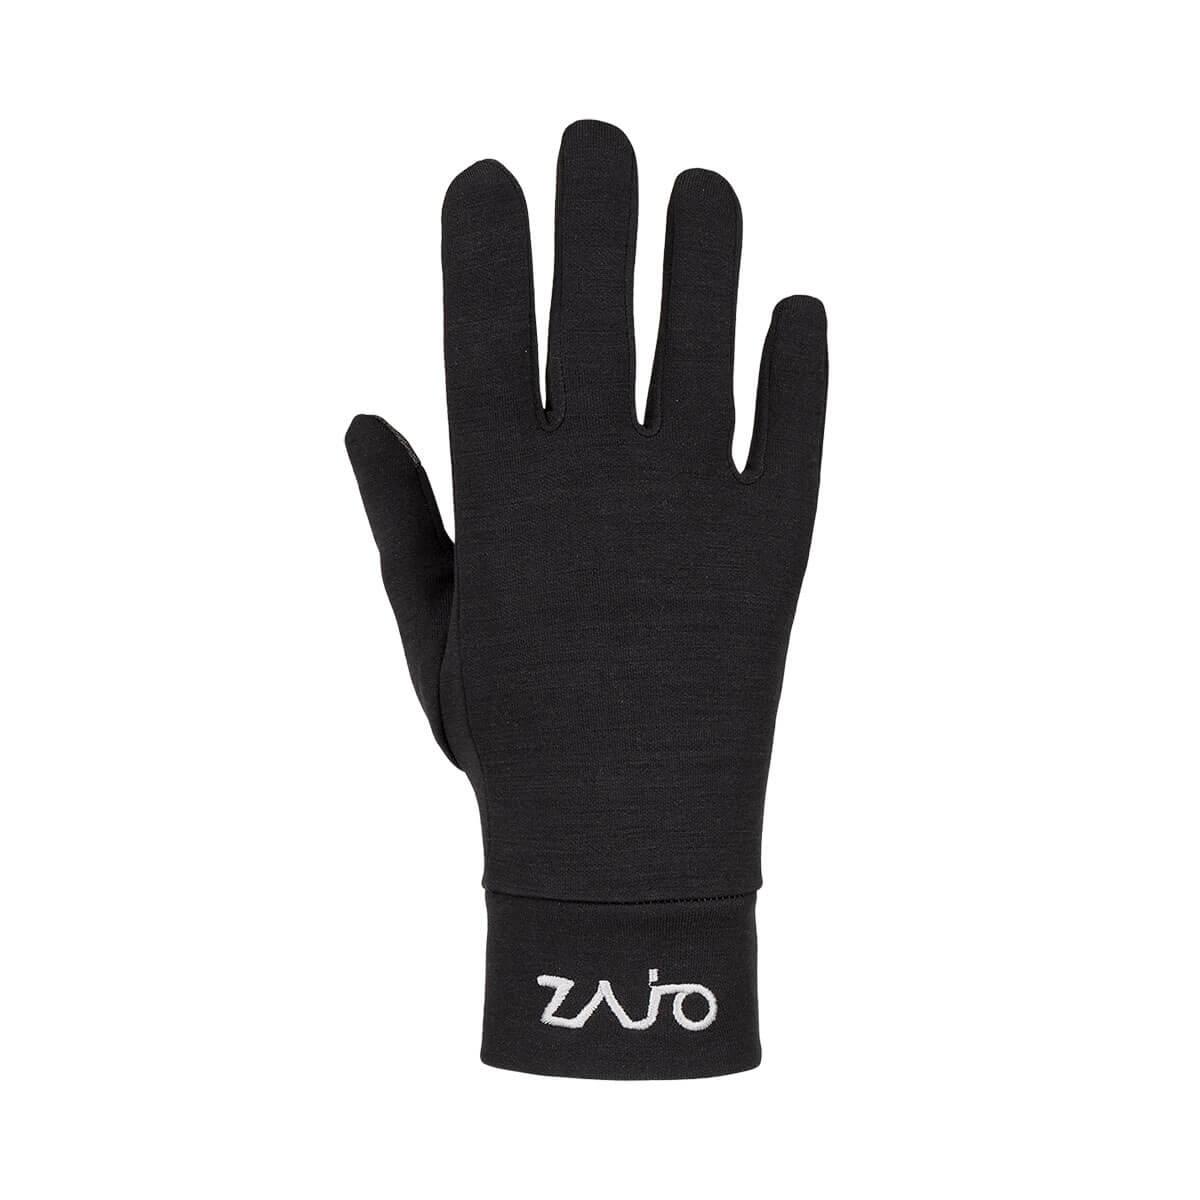 ZAJO Hals Gloves pánske rukavice - veľkosť S/M